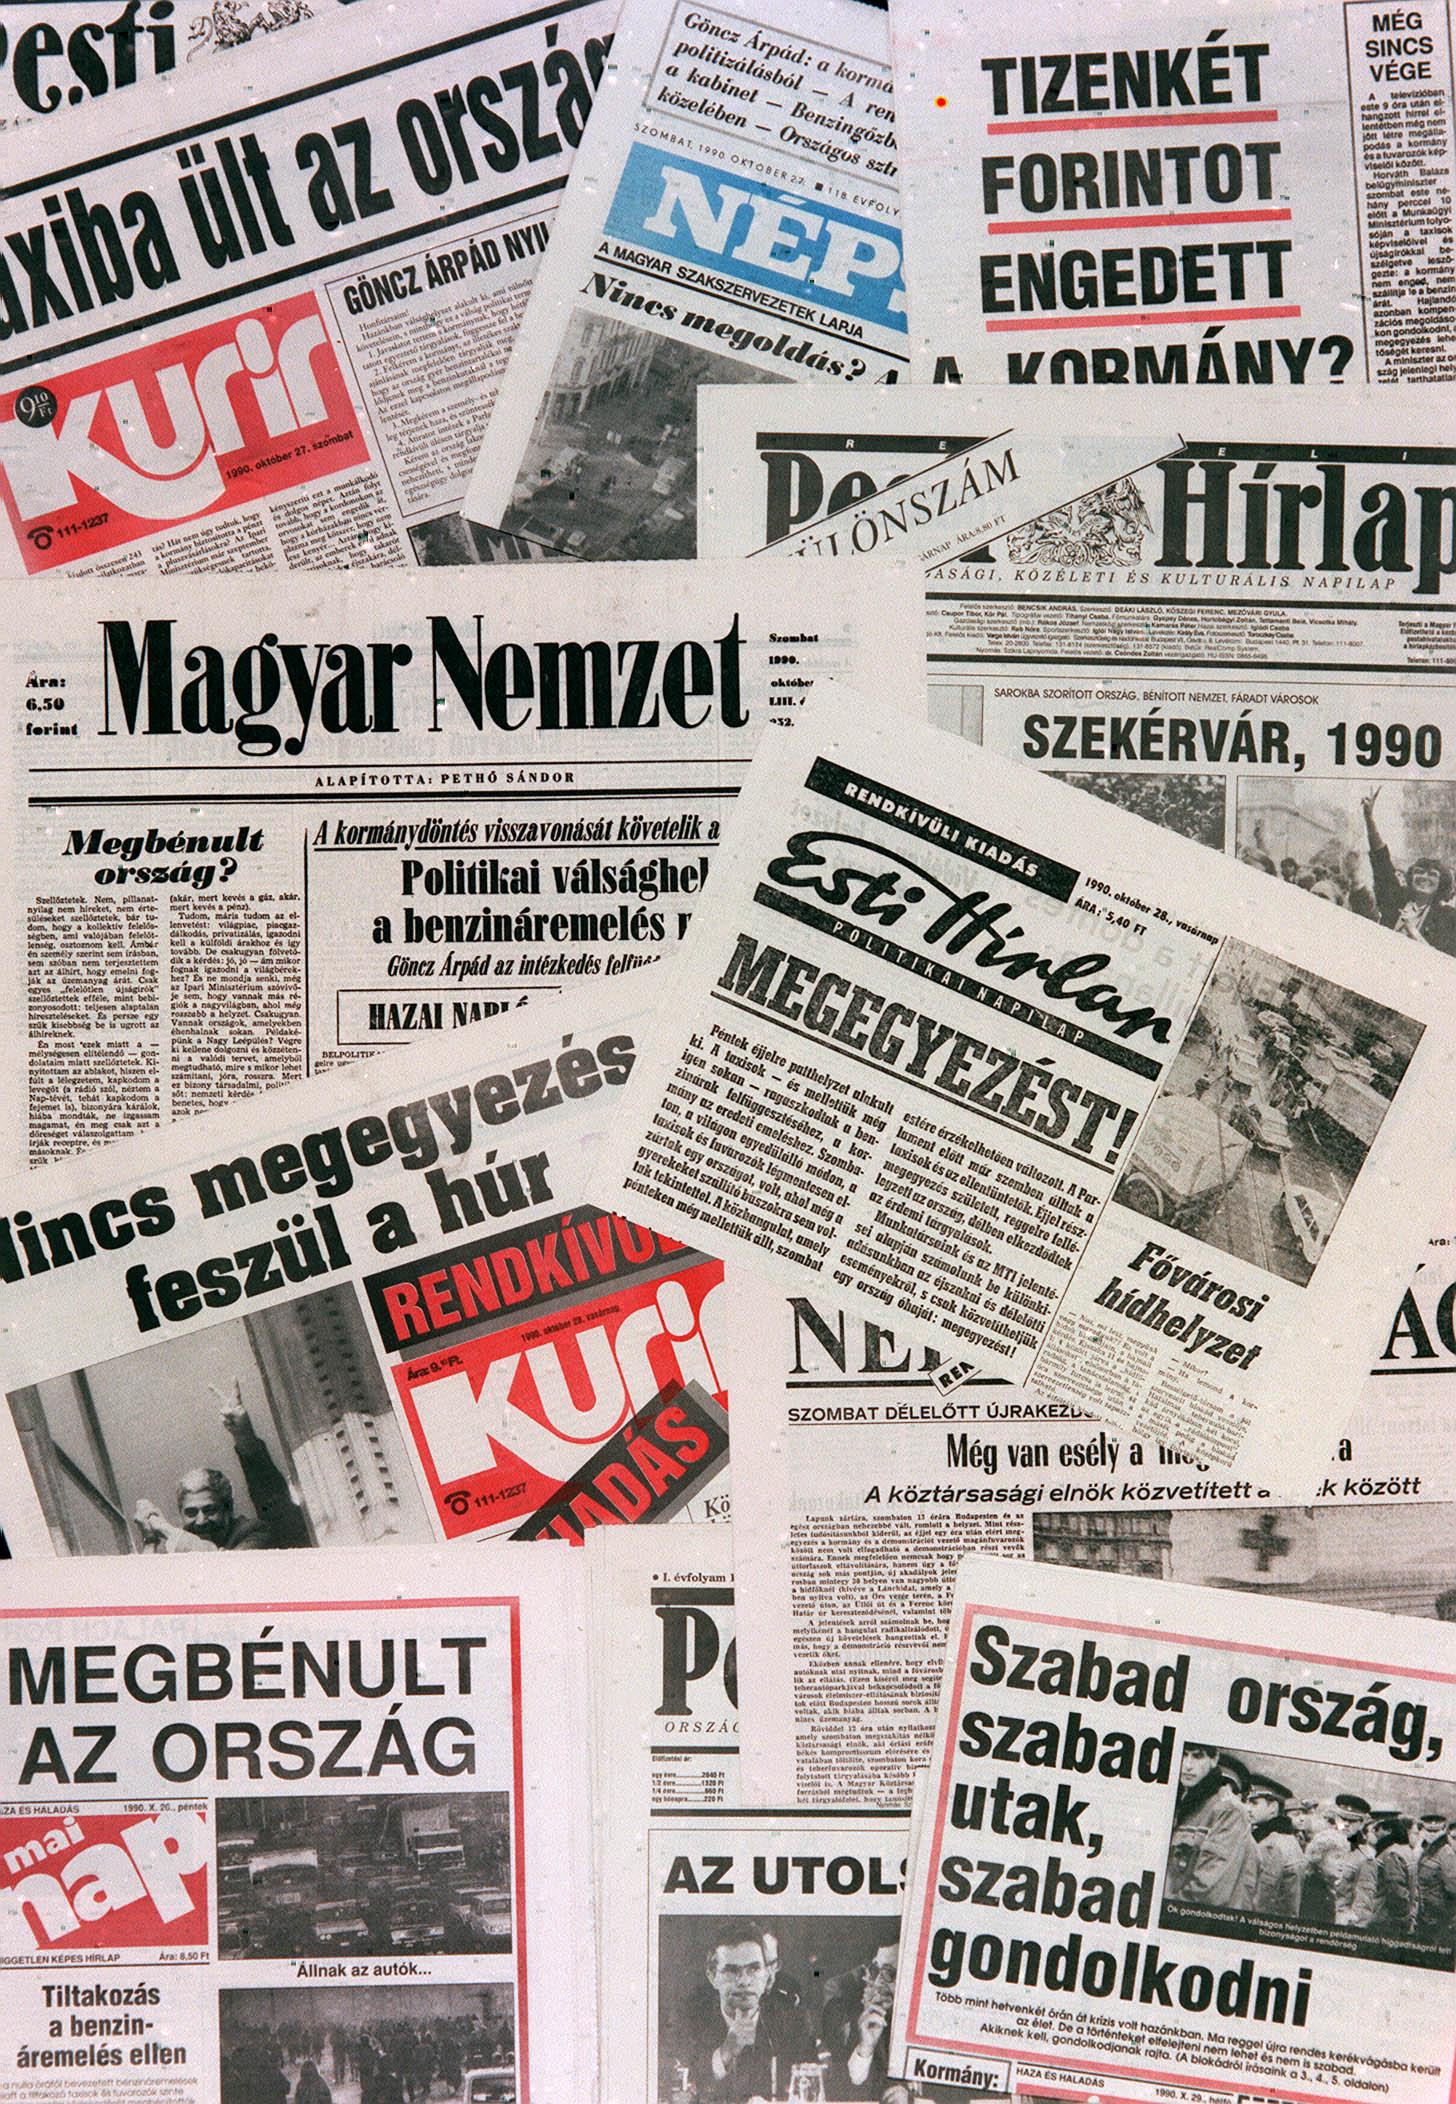 Esélytelen harc, címlapok a Taxisblokád idején / Fotó: MTI